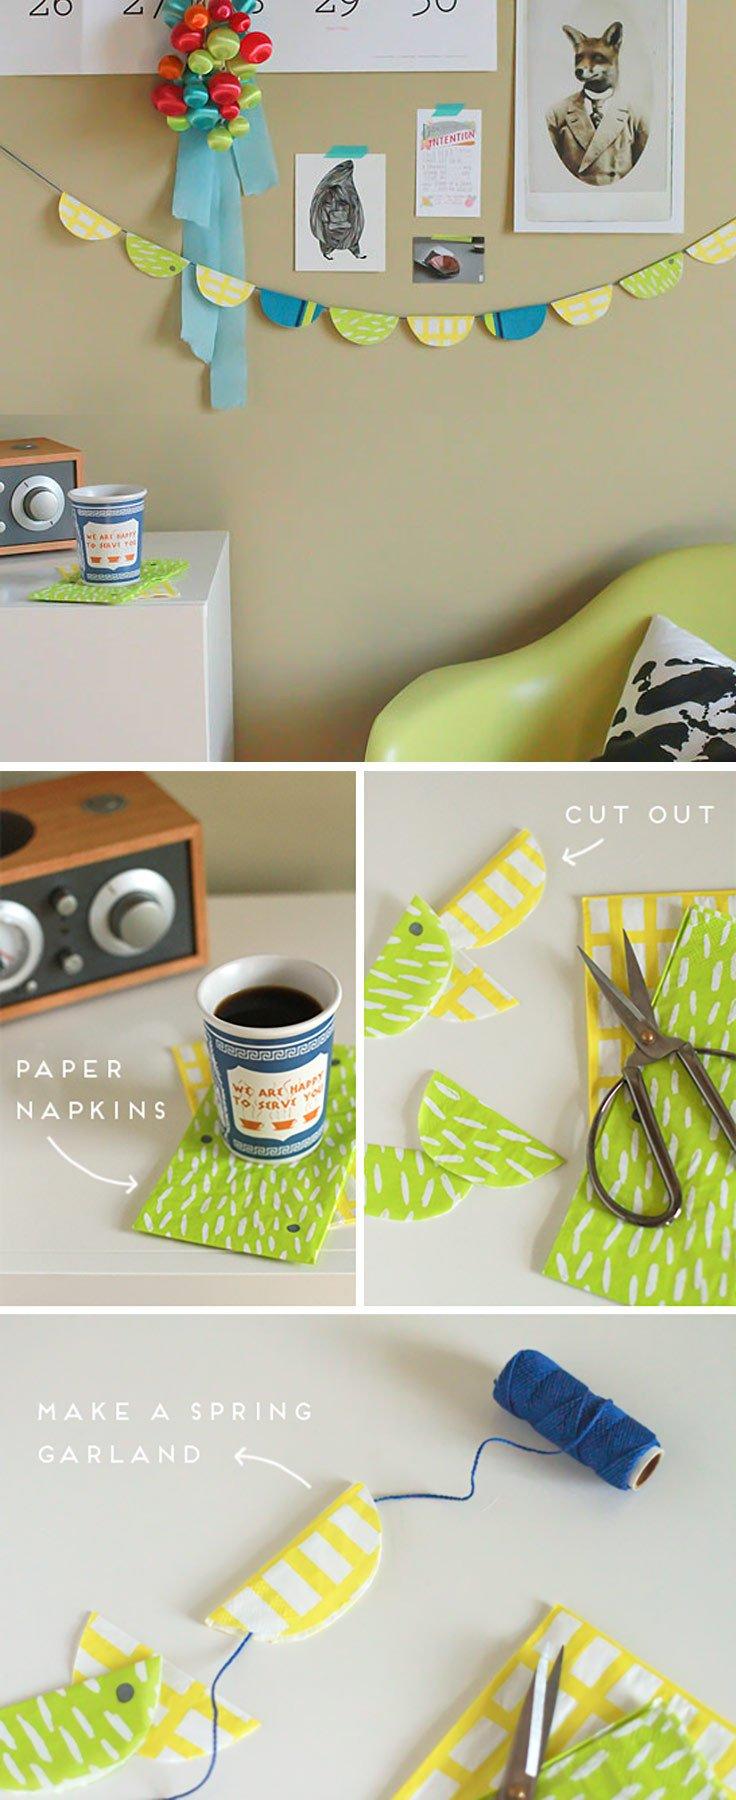 Cute Diy Room Decor Ideas Fresh 37 Insanely Cute Teen Bedroom Ideas for Diy Decor